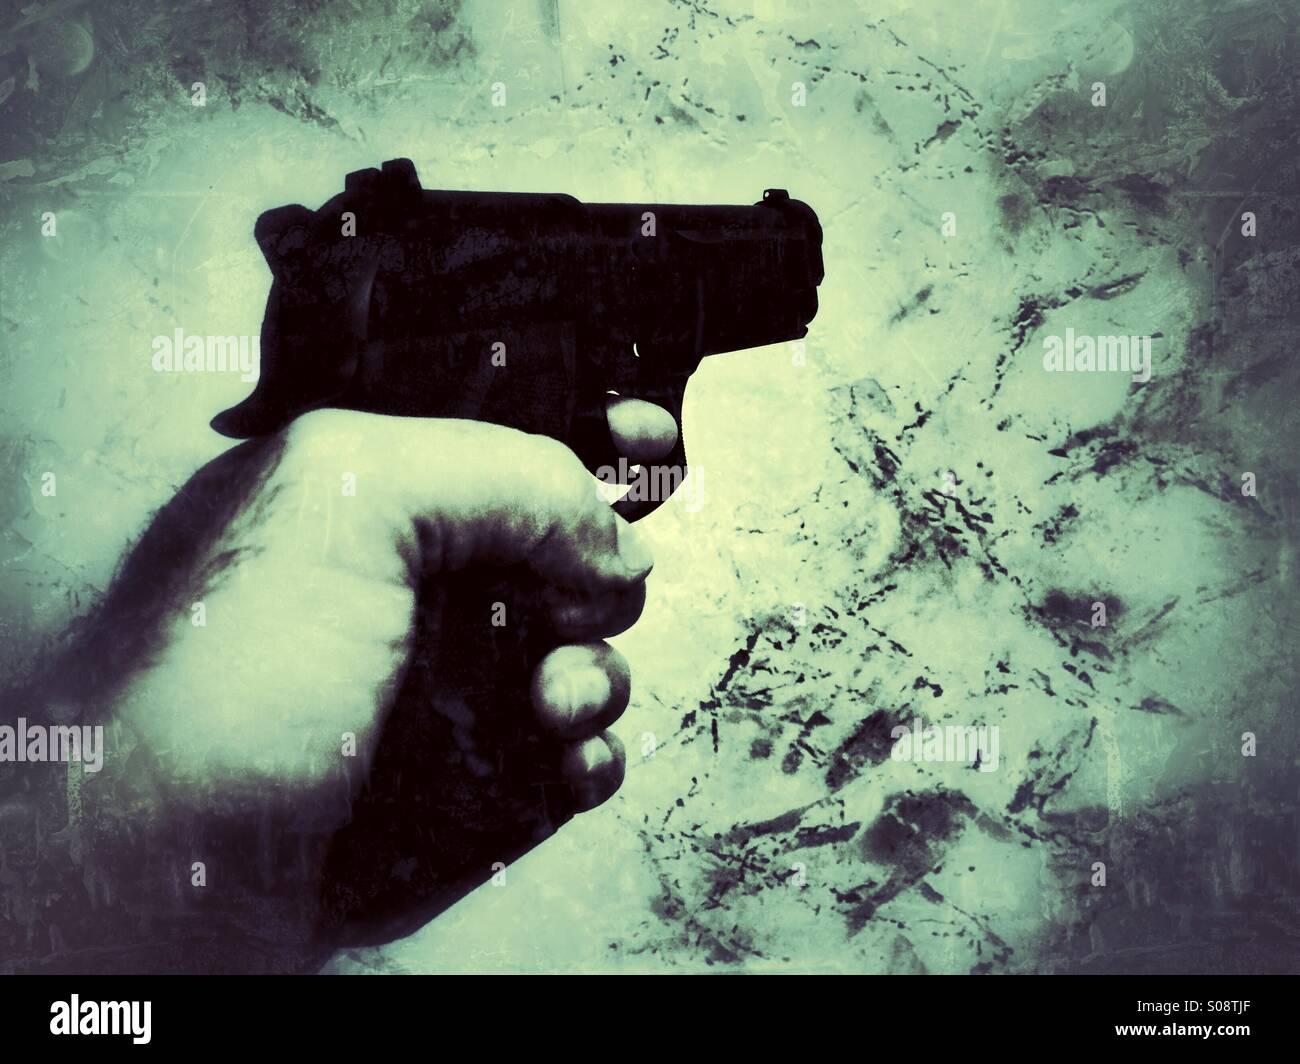 Prise de l'homme avec une arme à feu Photo Stock